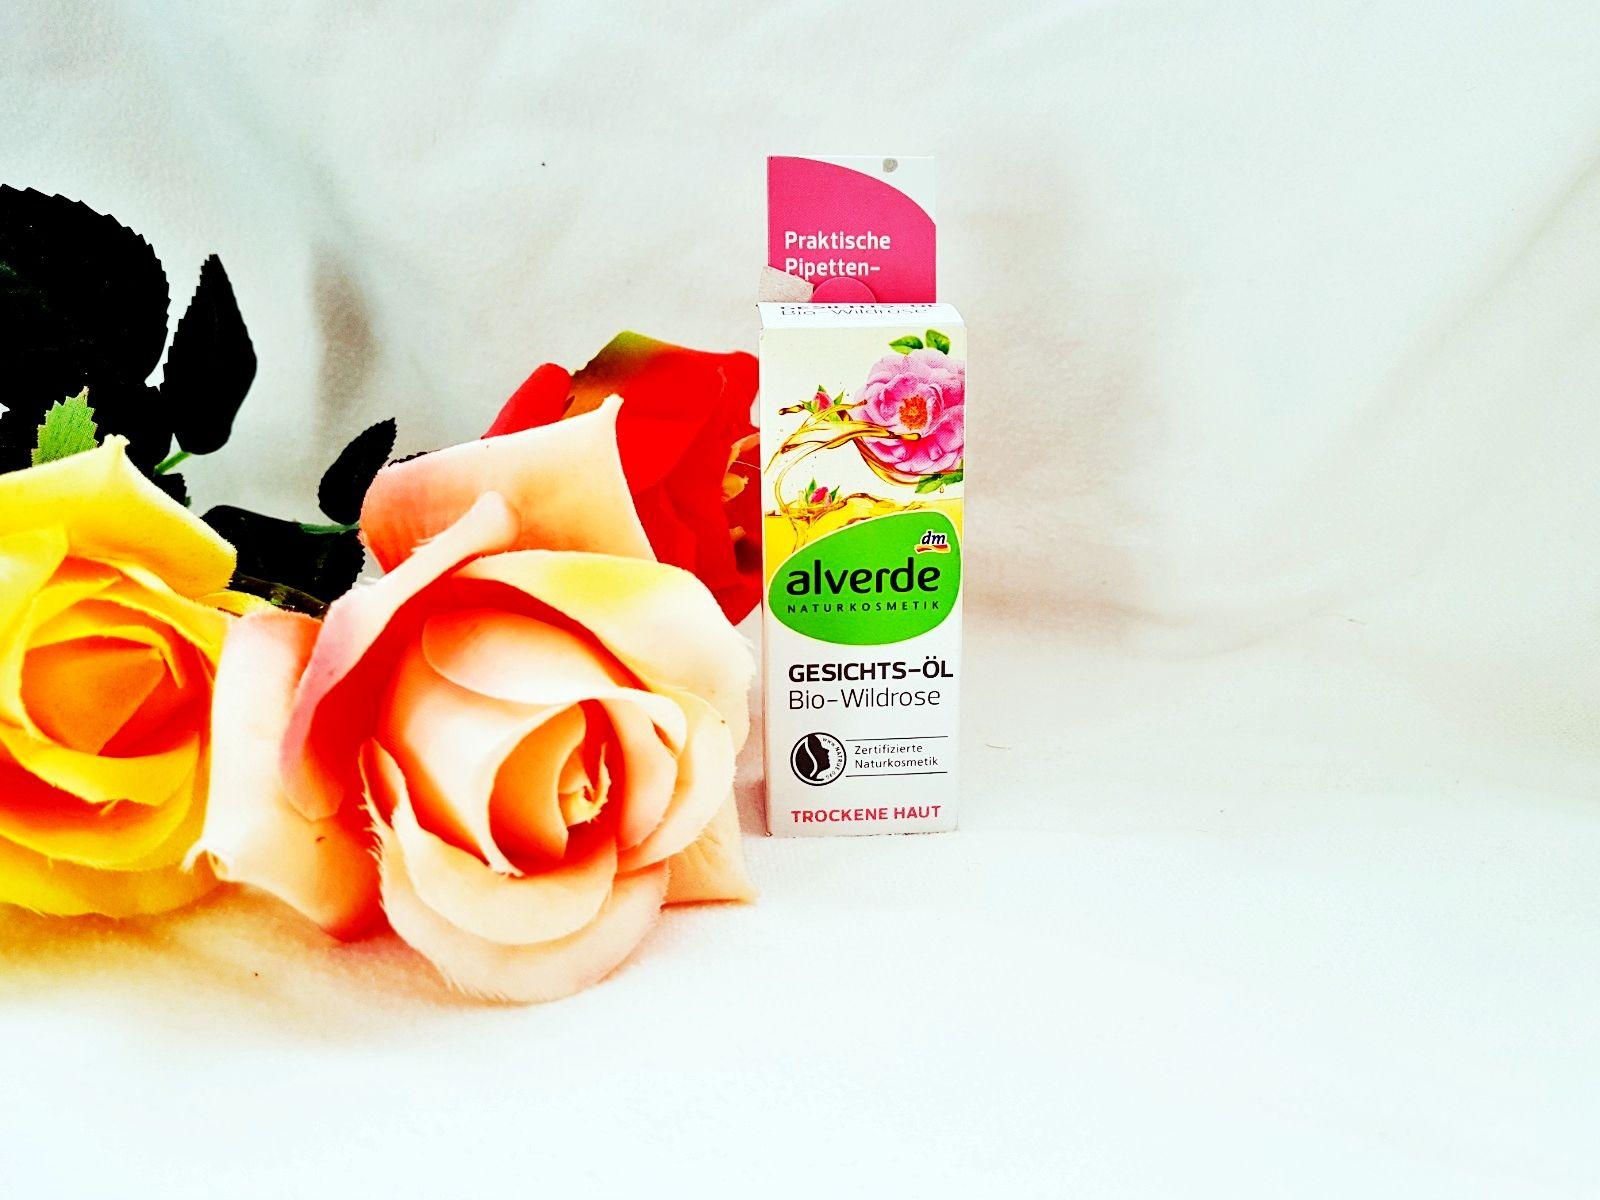 Alverde Gesichts-Öl Bio-Wildrose